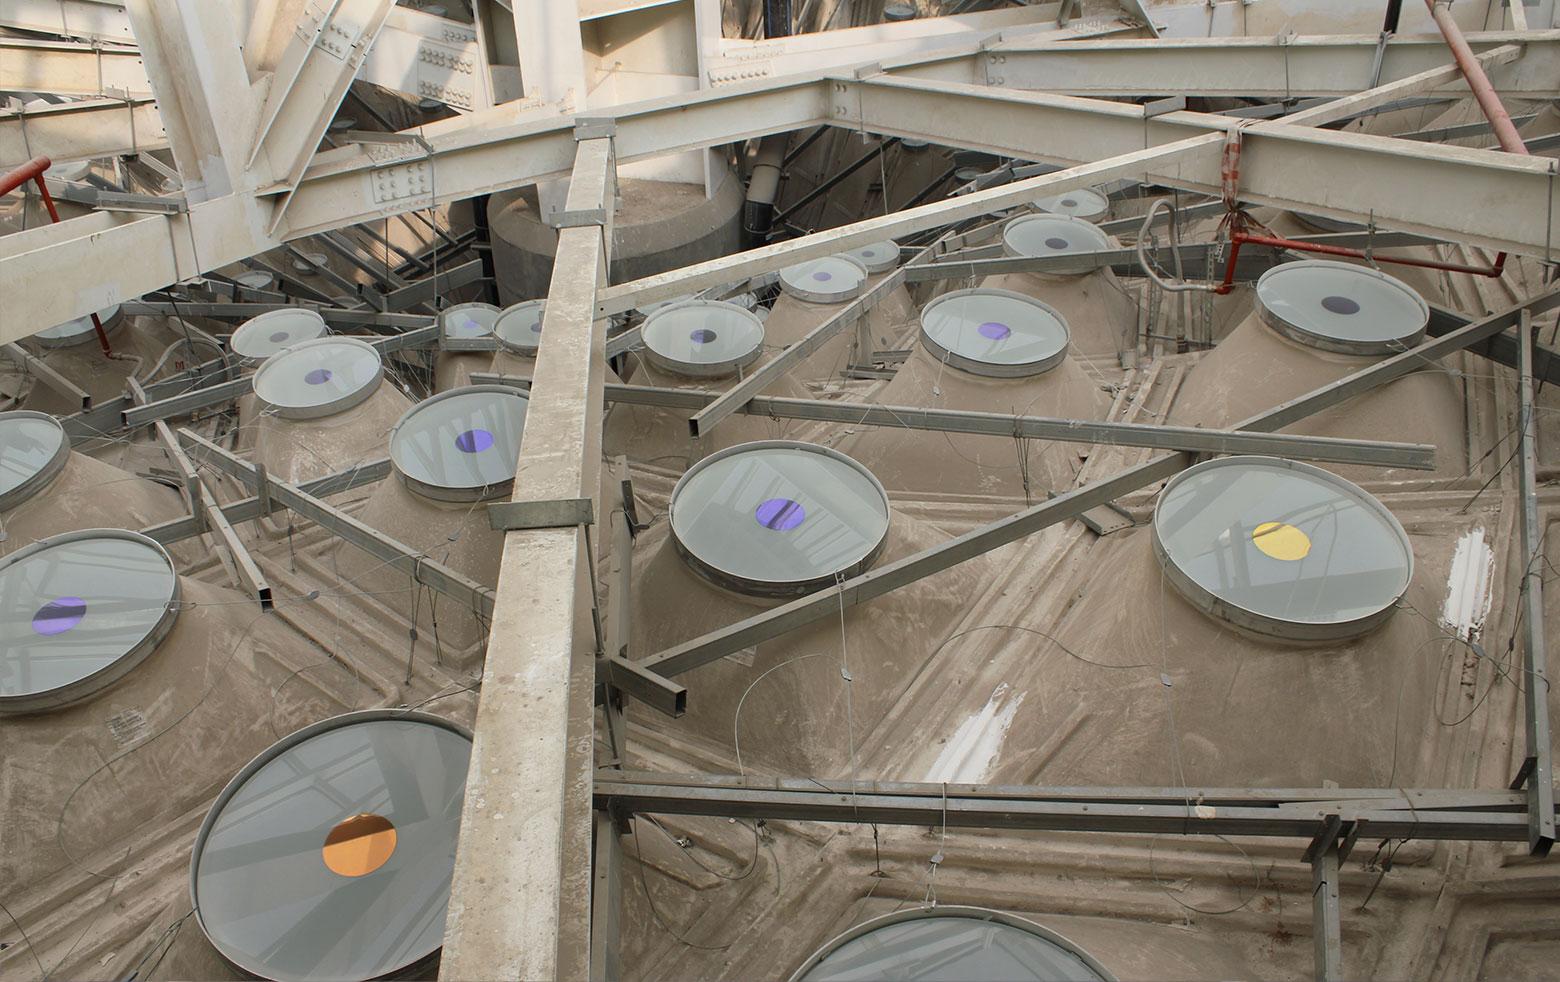 Dachkonstruktion Flughafen Mumbai mit dichroitischen Inlay-Glasscheiben